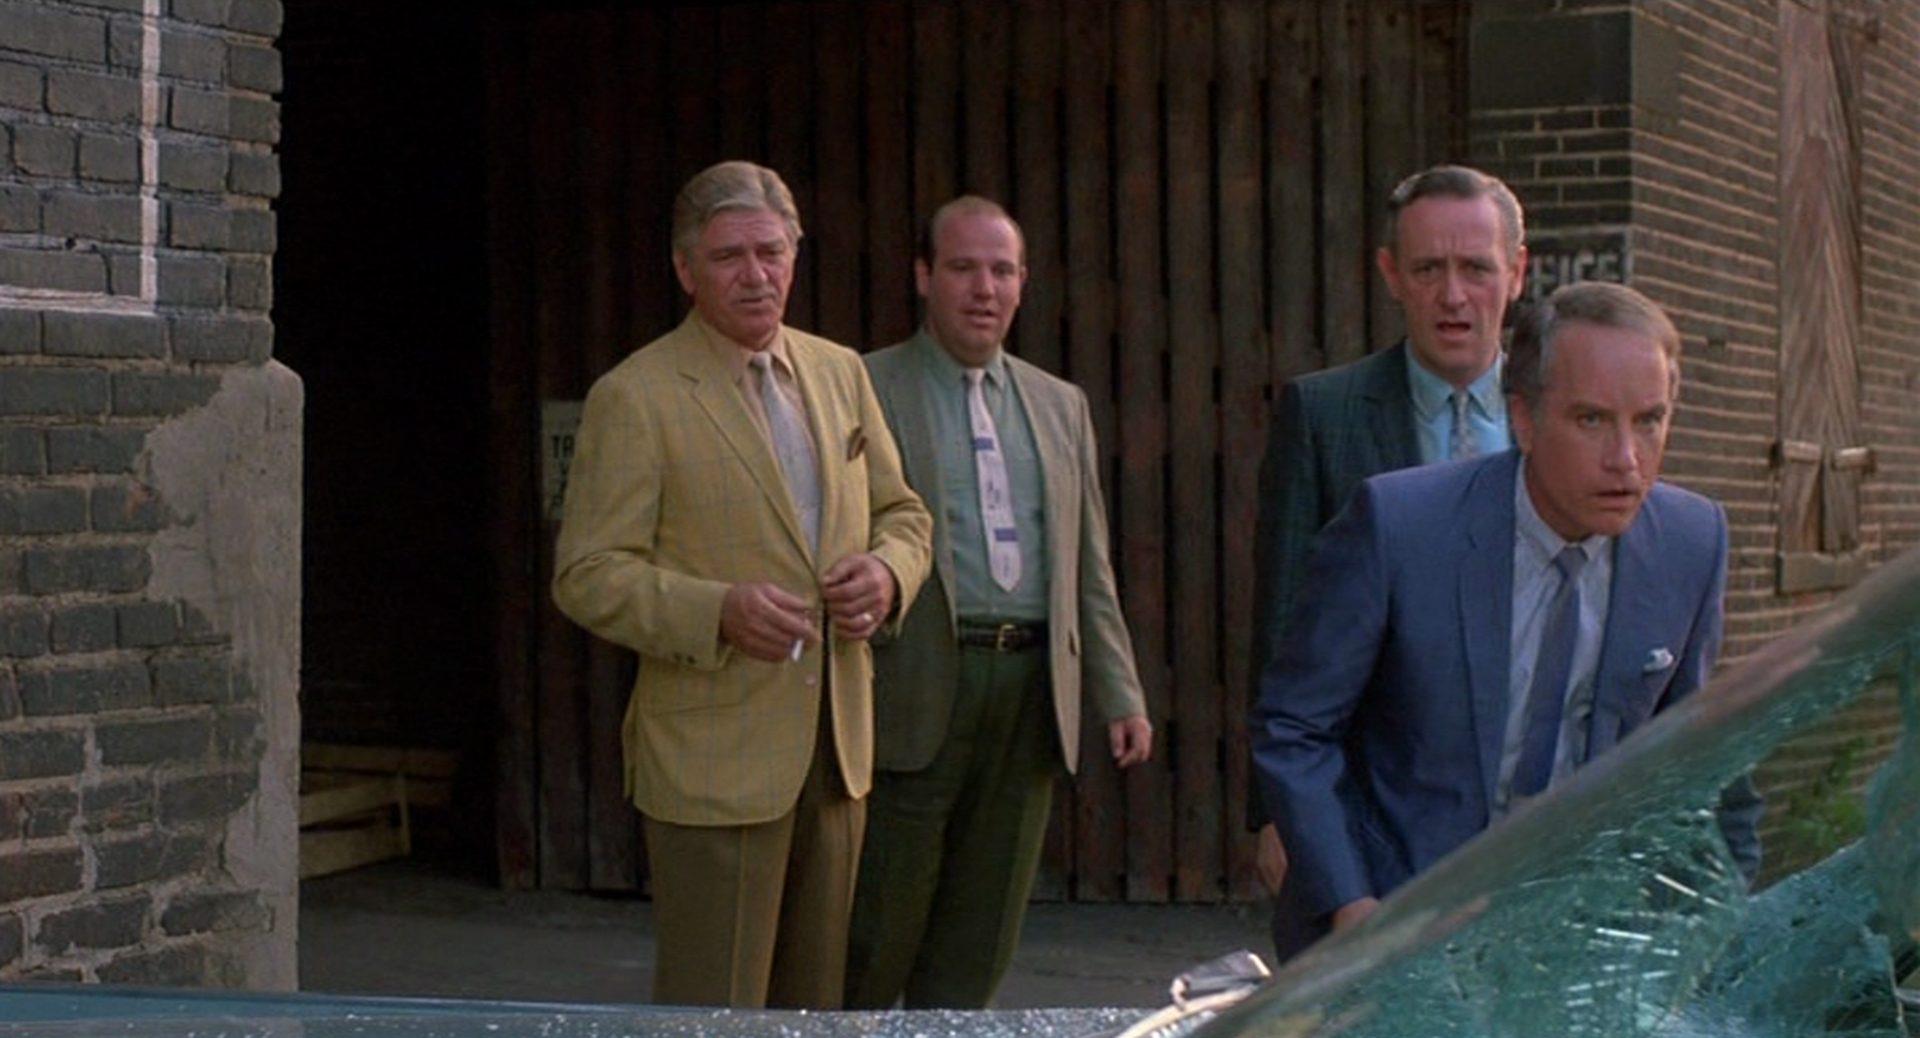 Richard Dreyfuss als Bill Babowsky betrachtet im Beisein von Kollegen in verwunderter Ärgerlichkeit eine zertrümmerte Windschutzscheibe.